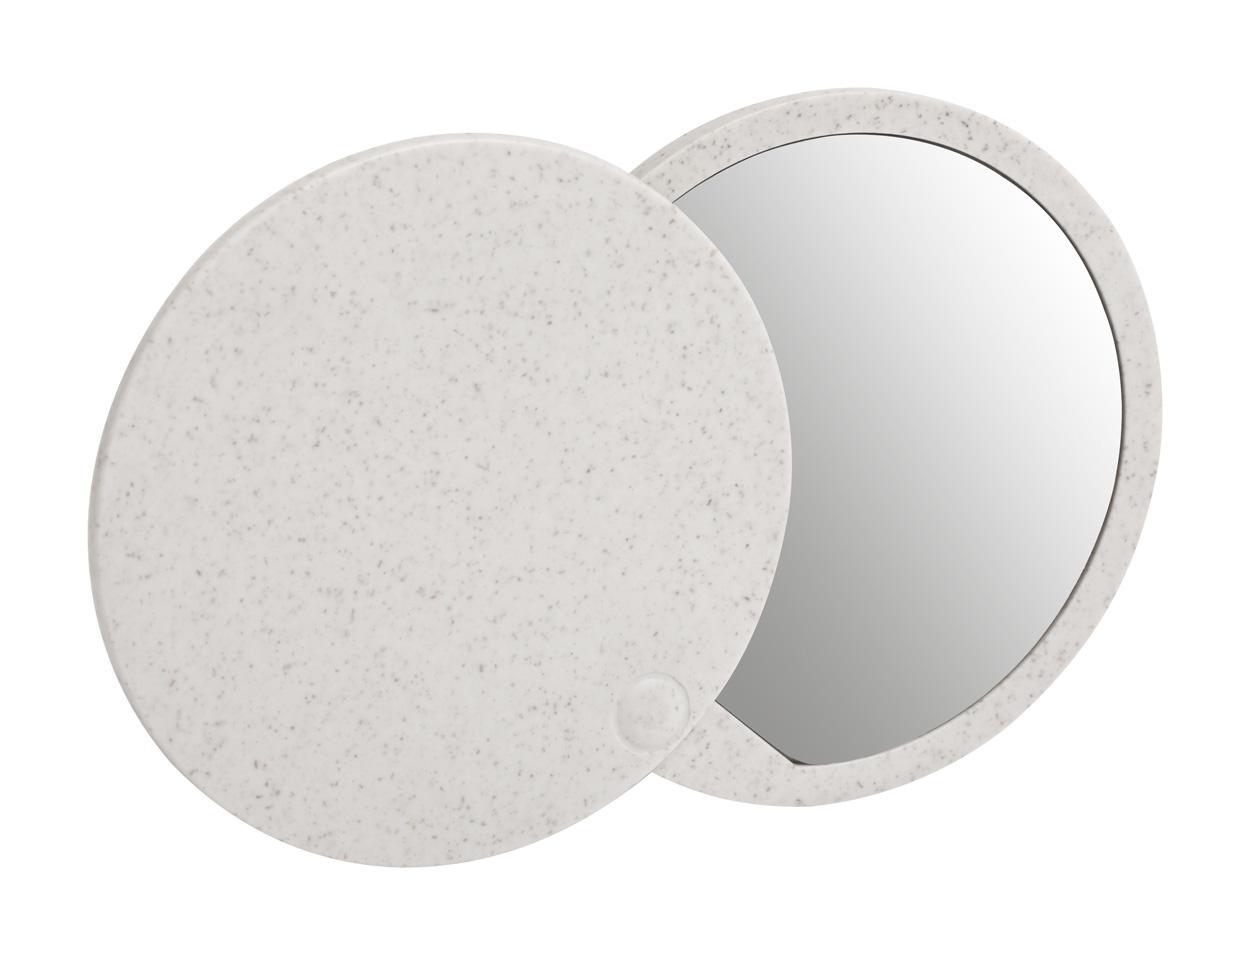 Gradiox pocket mirror